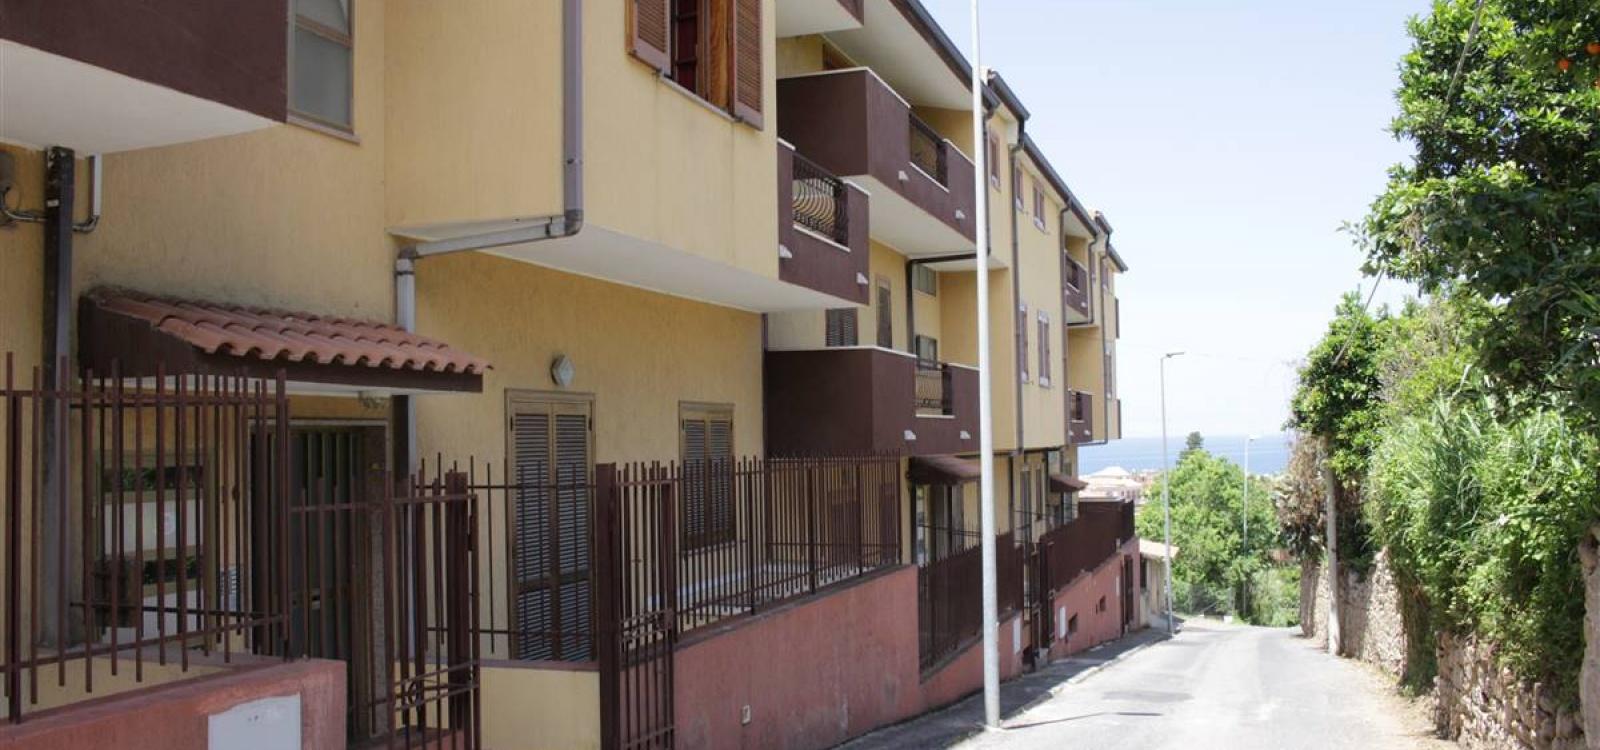 appartamenti per vacanze, appartamenti in calabria, appartamenti in centro storico tropea